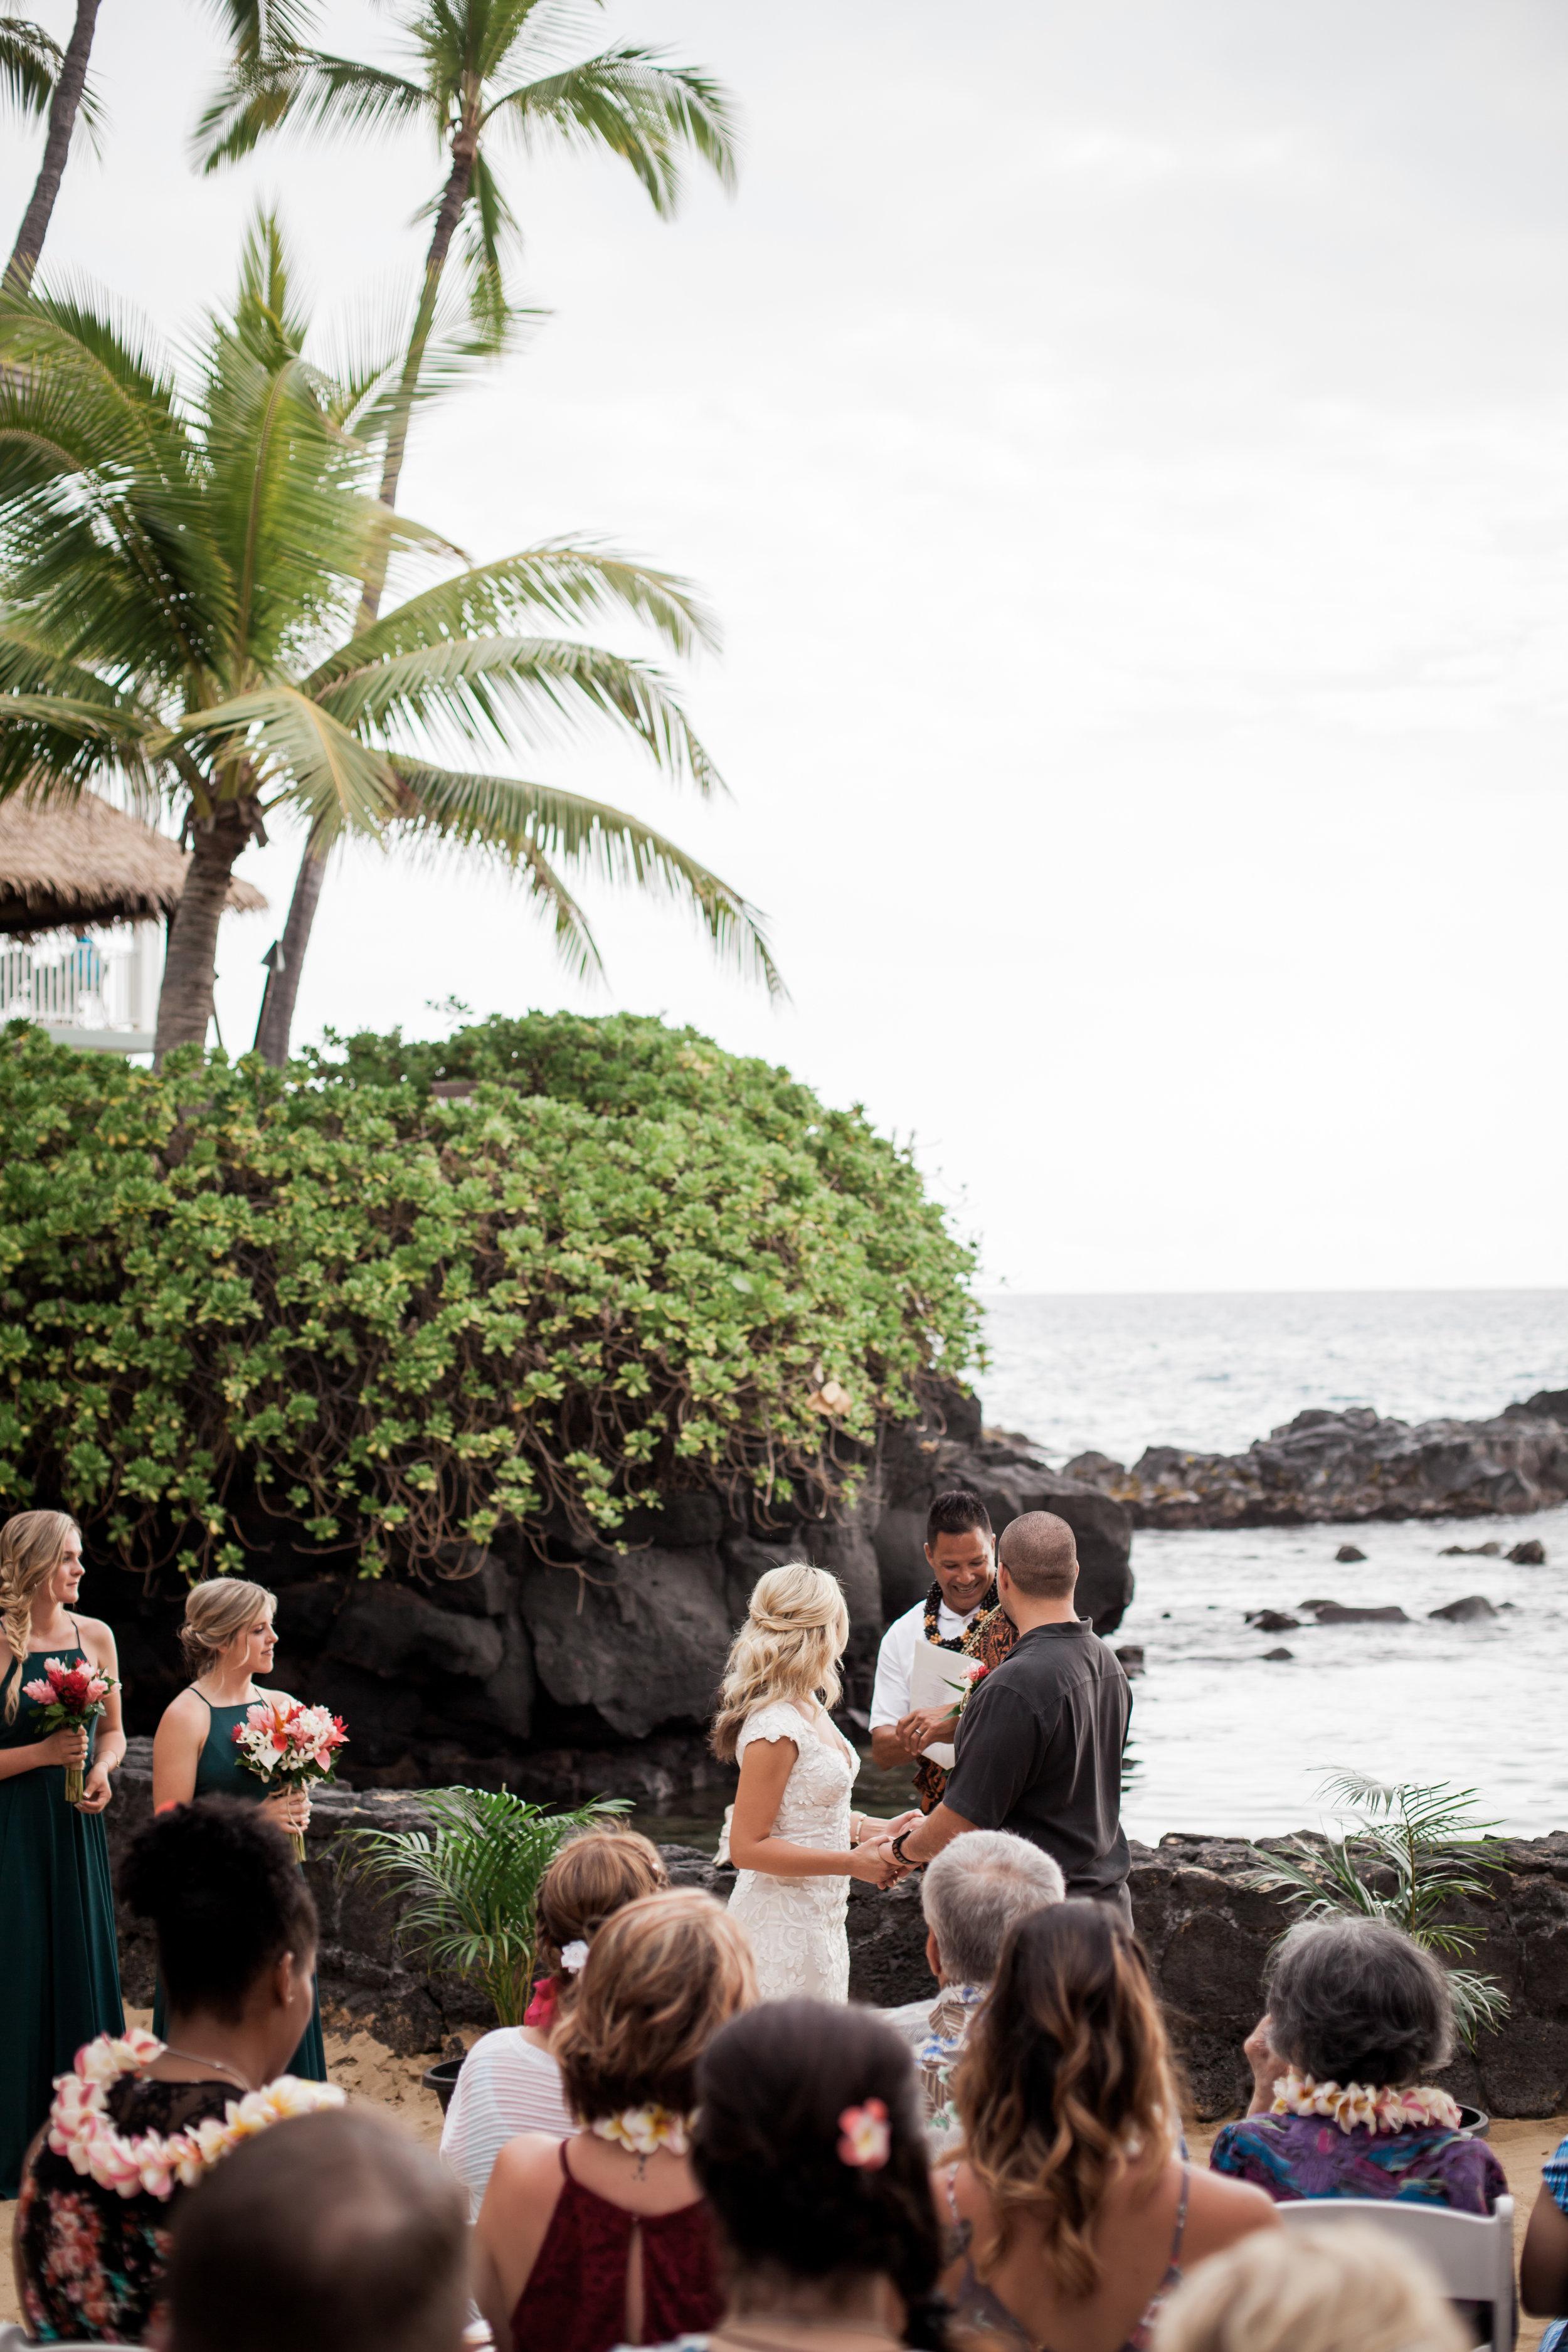 big island hawaii royal kona resort beach wedding © kelilina photography 20170520165530.jpg